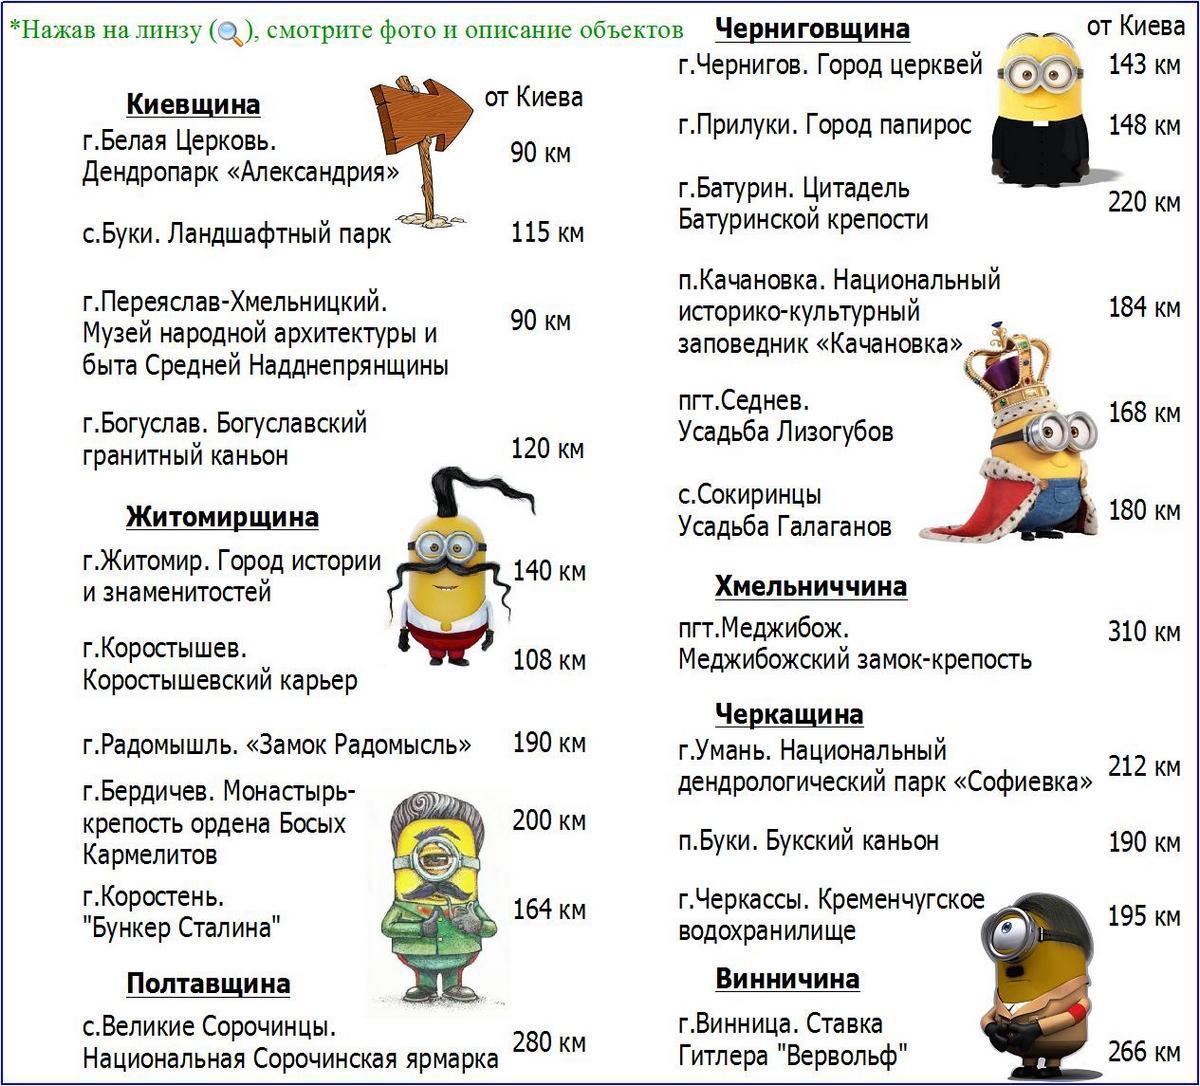 Туристические места рядом с Киевом